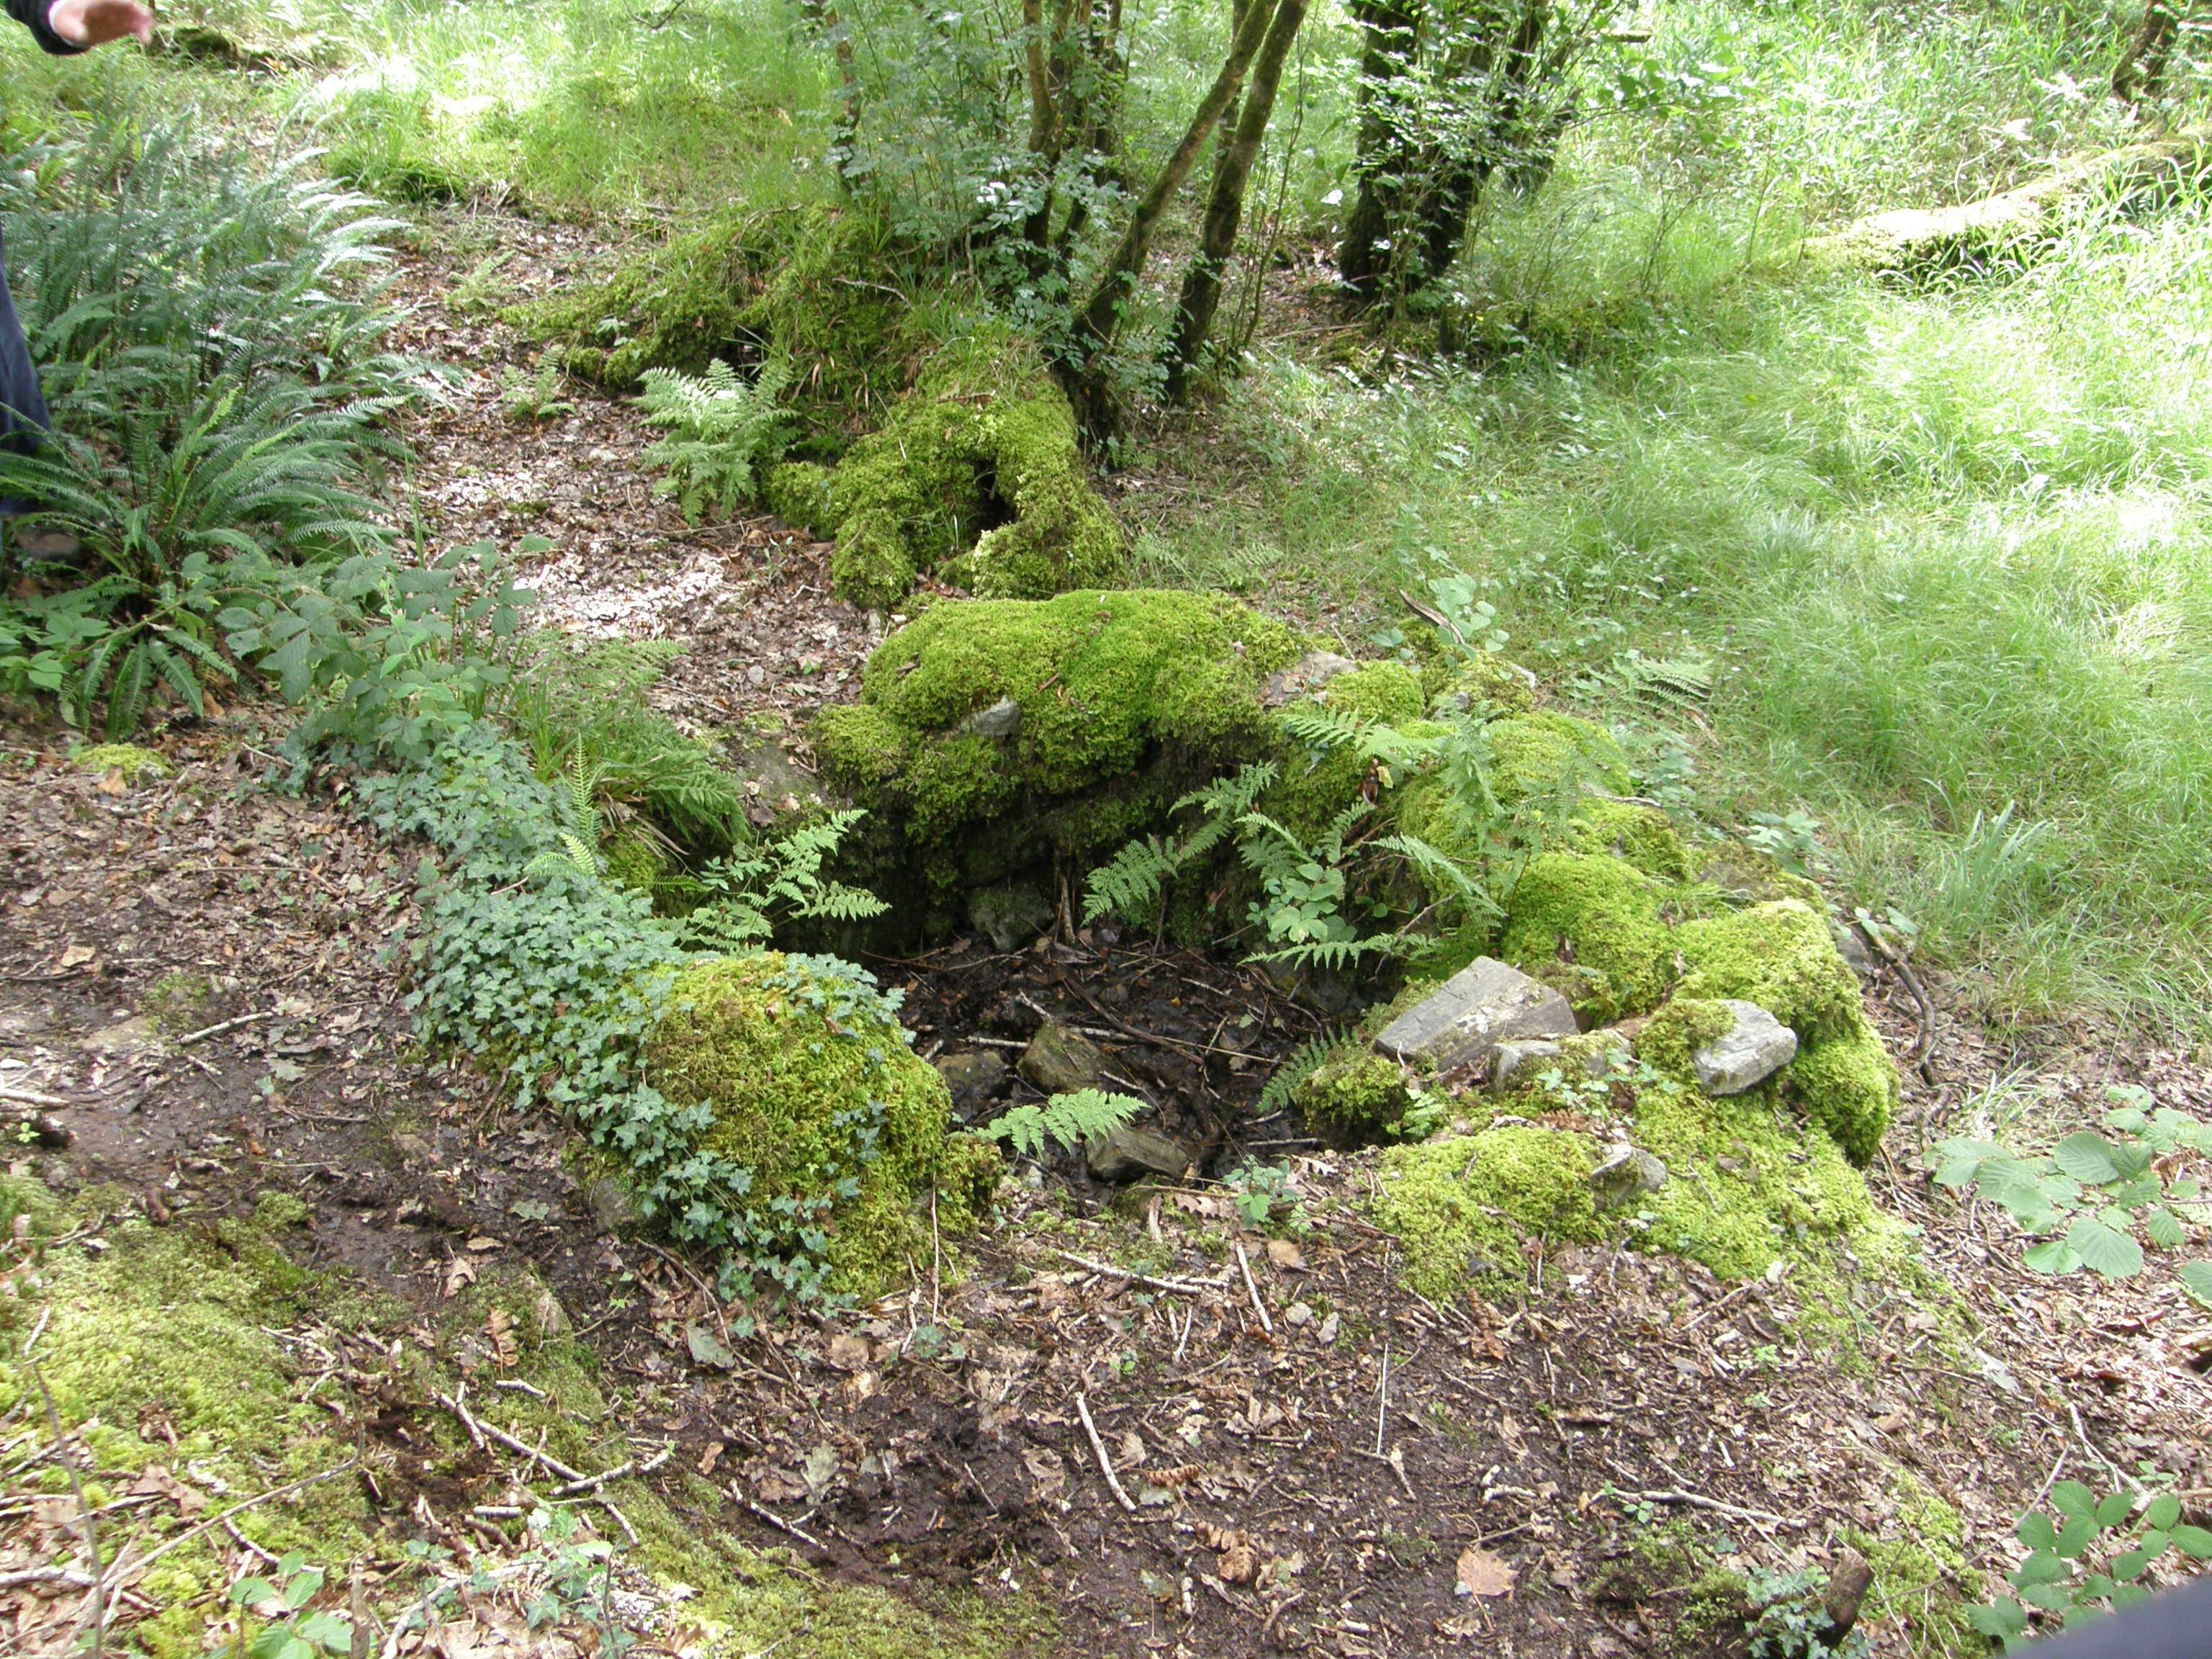 Tobar Feithín on the grounds of Ballynahinch Castle